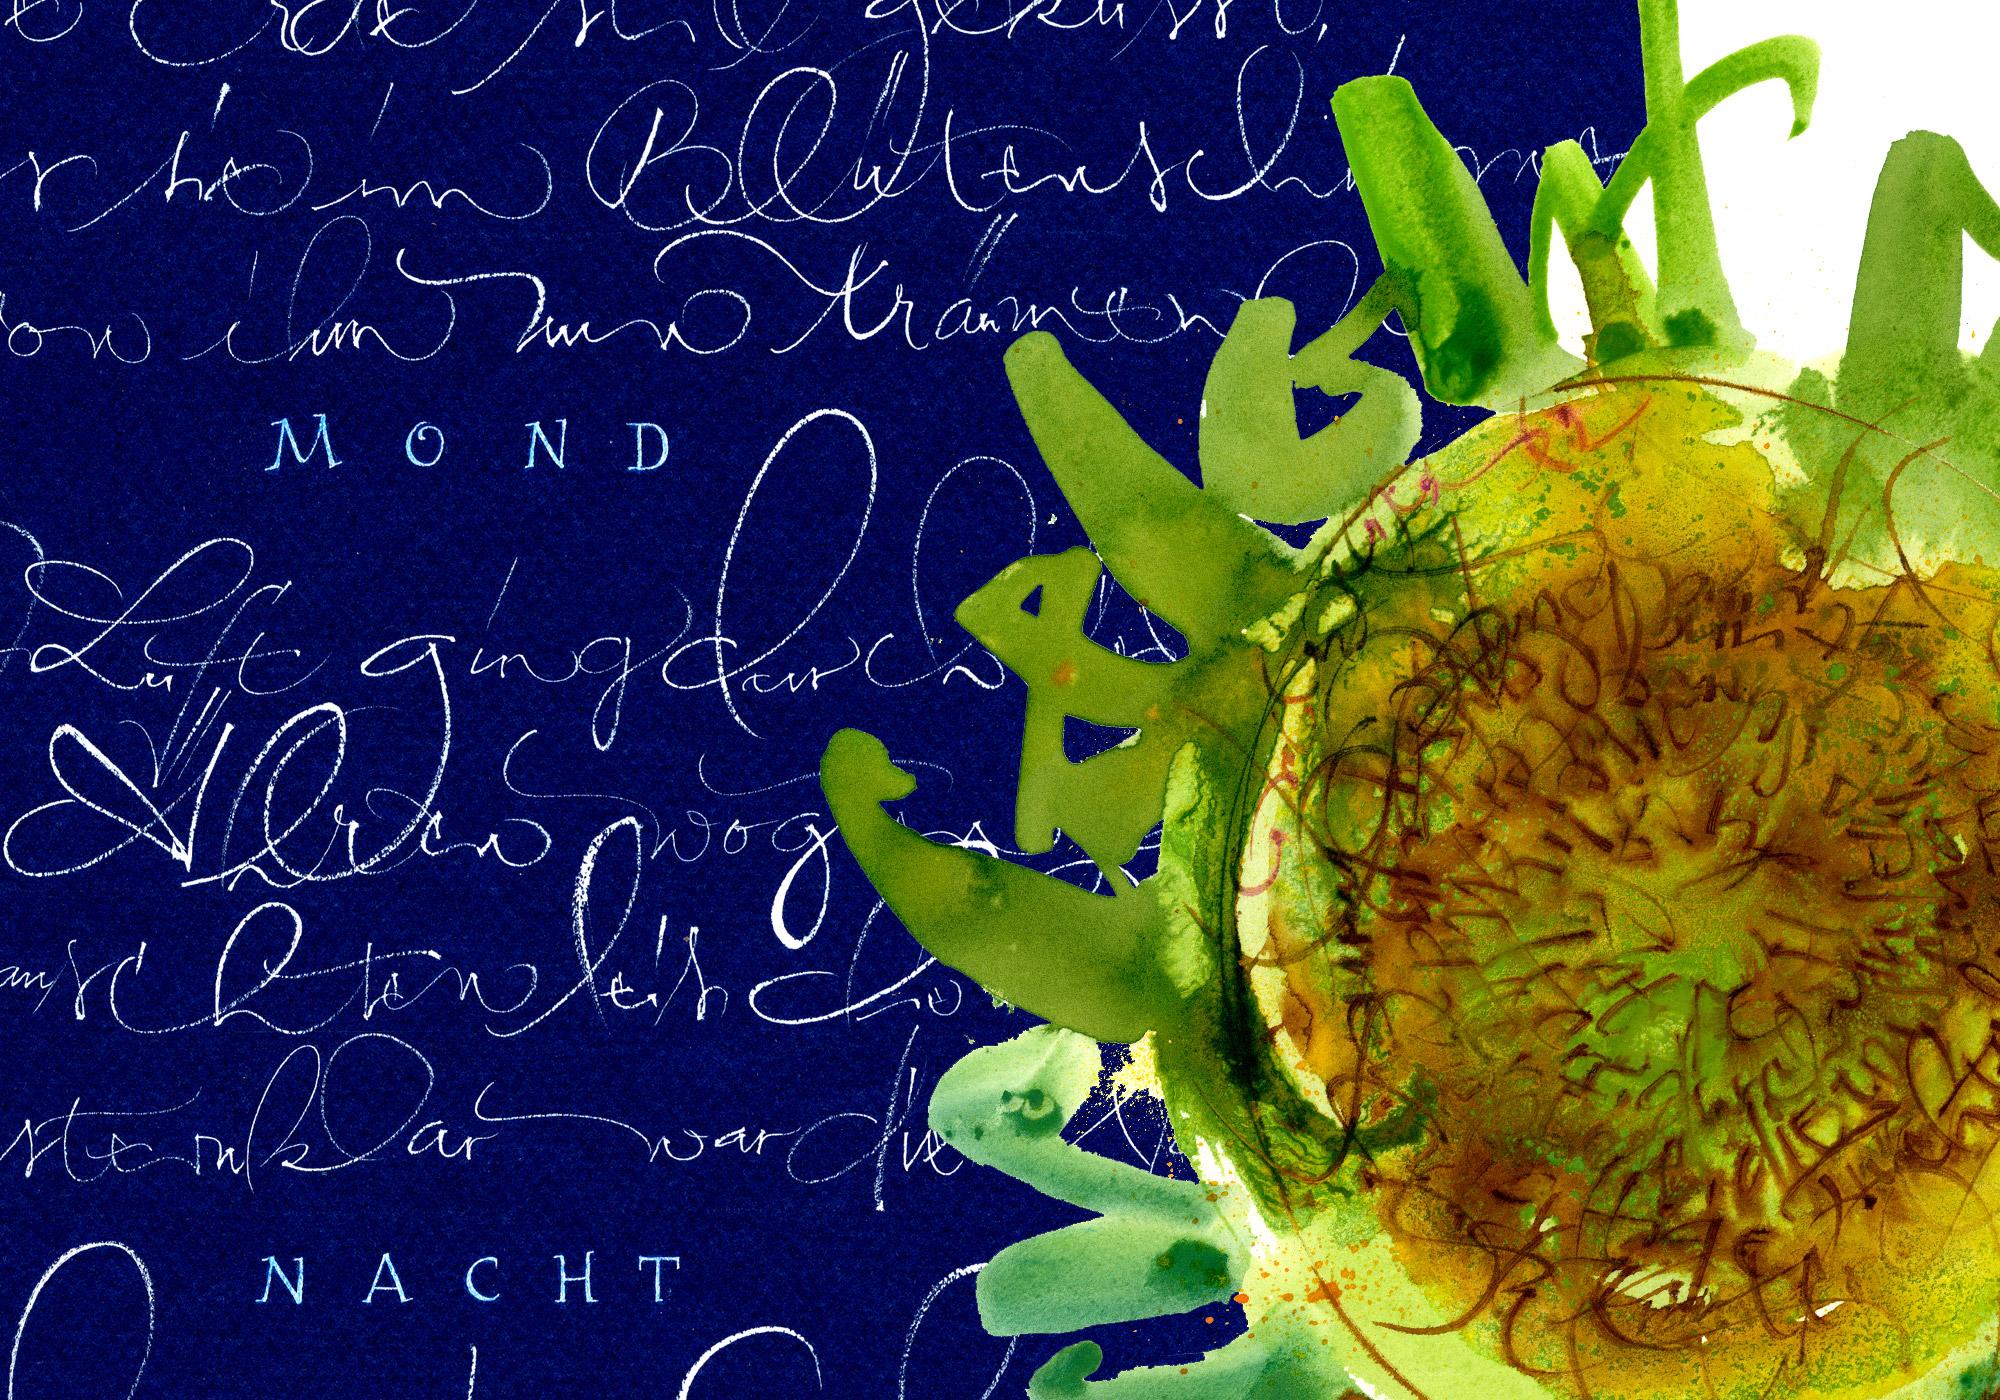 Akademie Wildkogel – Erding – Schreiben mit dem Spitzpinsel<br /> Do - Fr, 15. & 16.10.2020, jeweils 10-17 Uhr